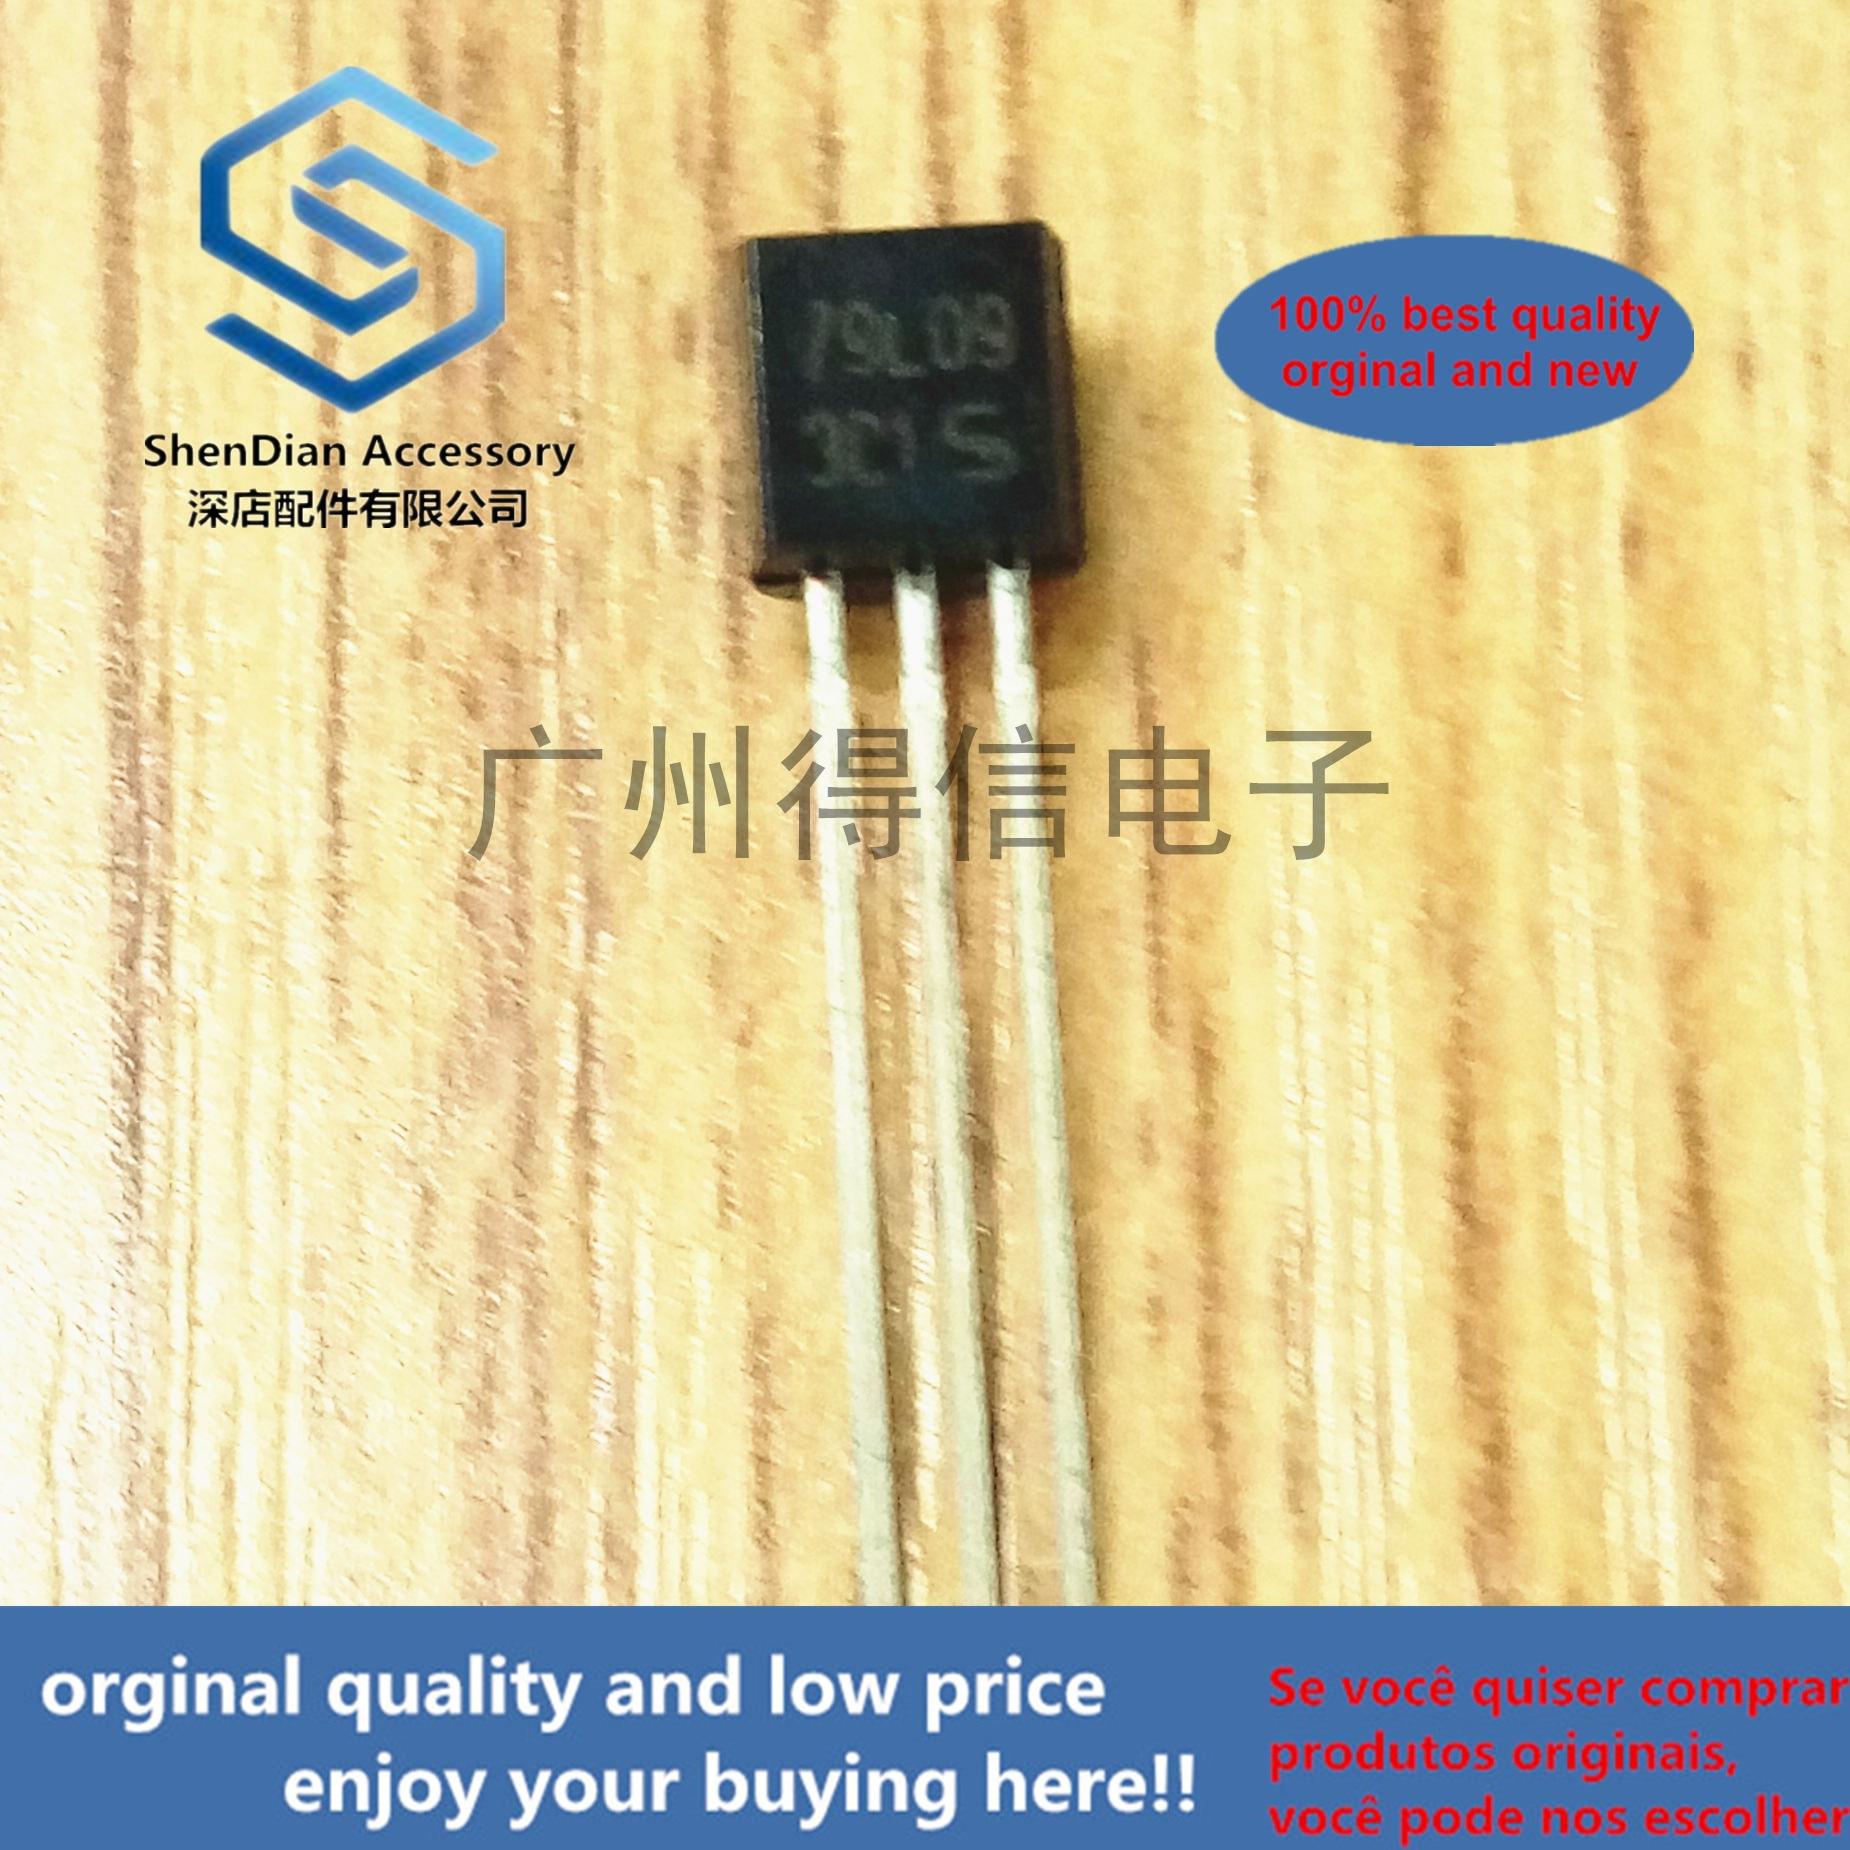 30pcs 100% Orginal New TS79L09 79L09  TO-92 3-Terminal Low Current Negative Voltage Regulator  Real Photo